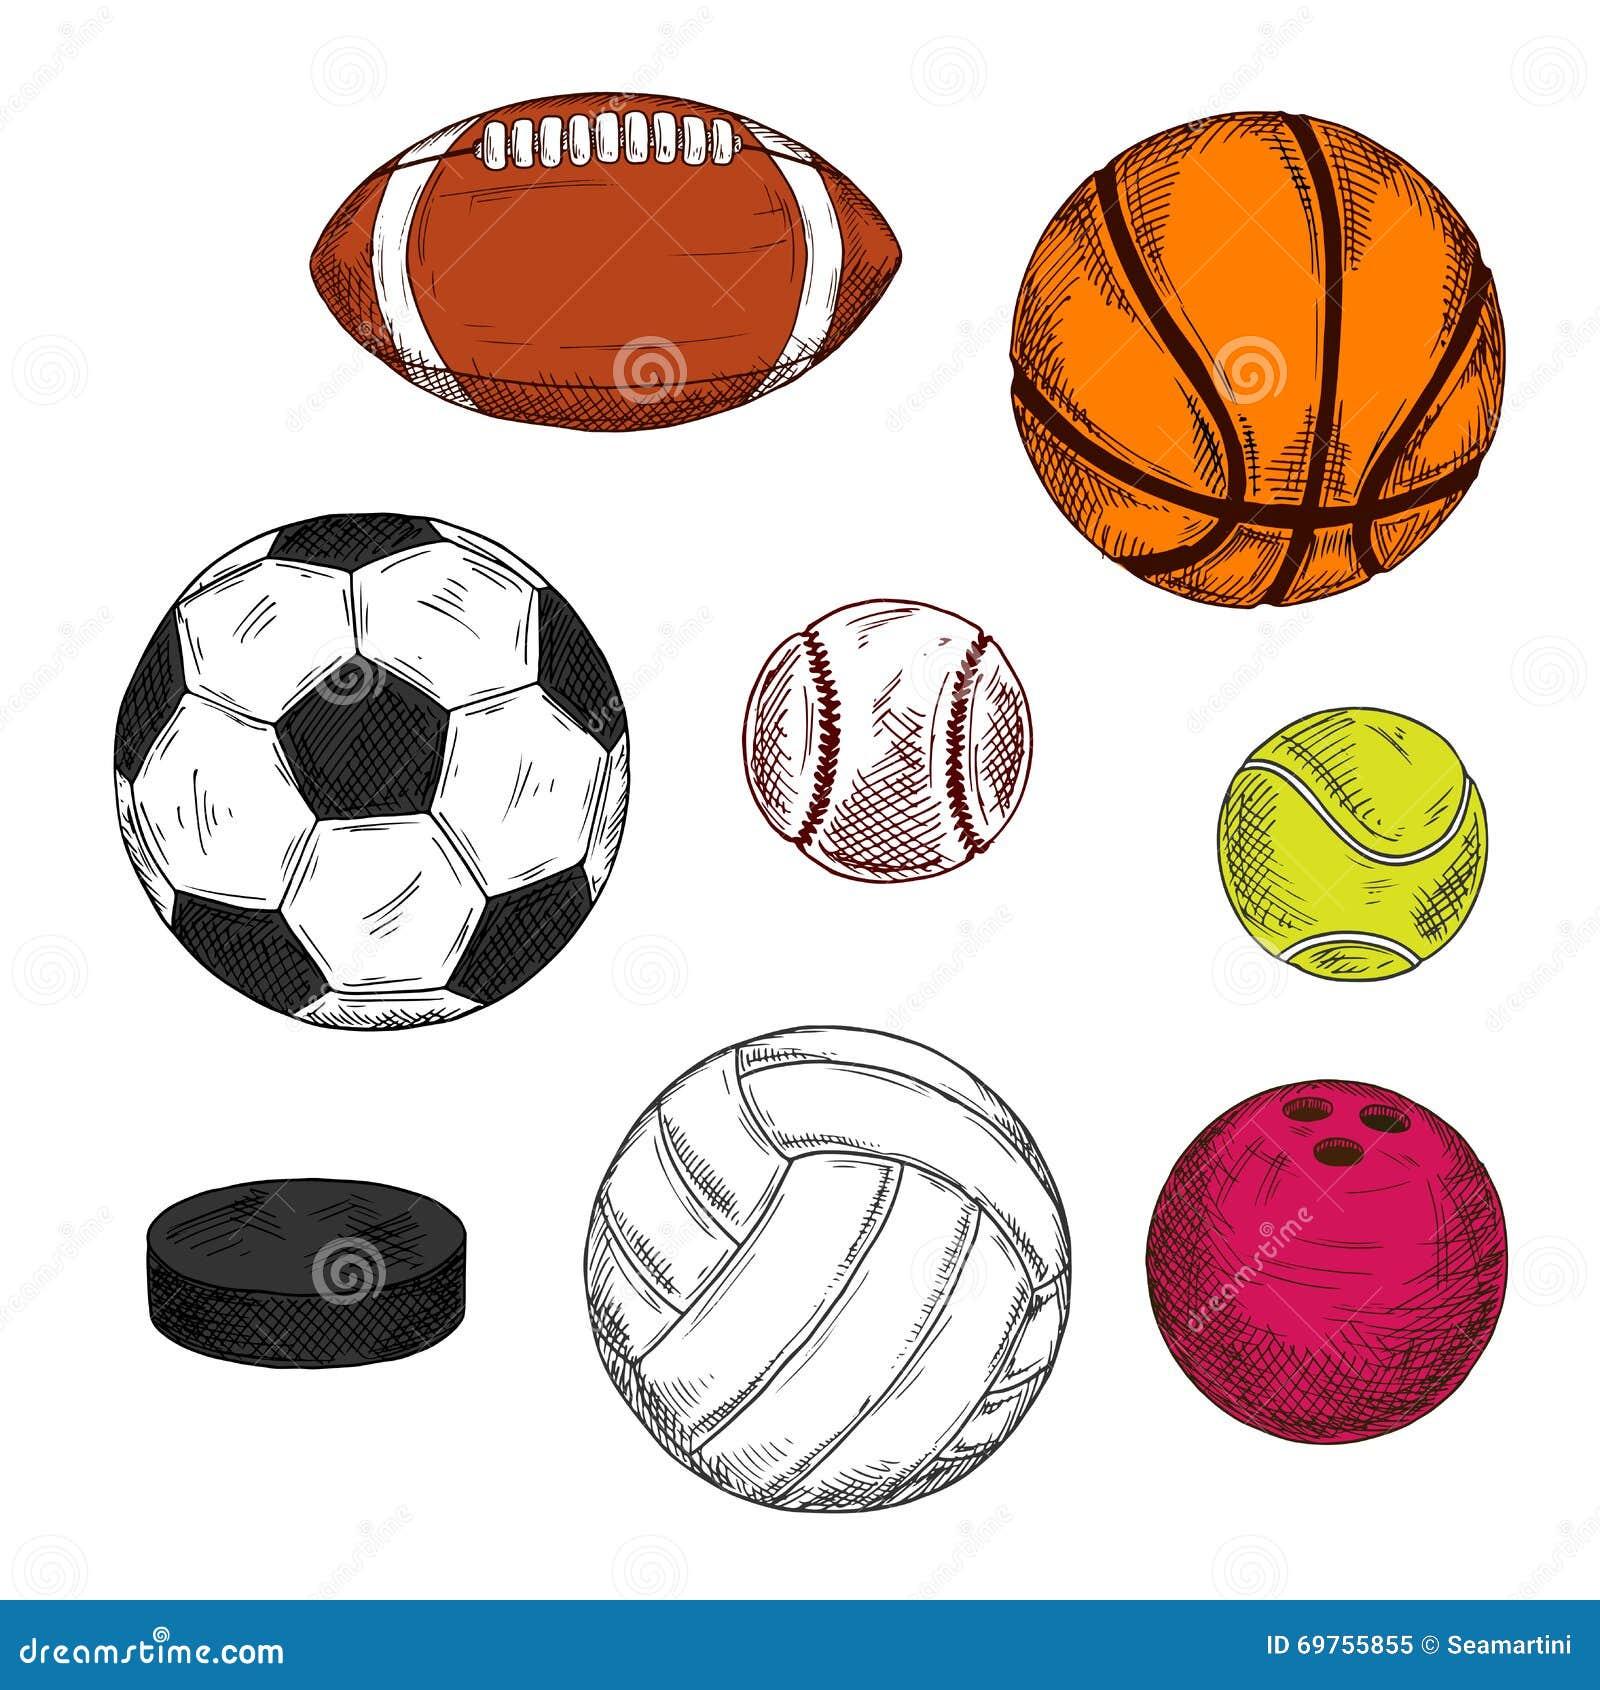 Gefrieren Sie Hockey-Puck Mit Bällen Für Verschiedene Sportspiele ...